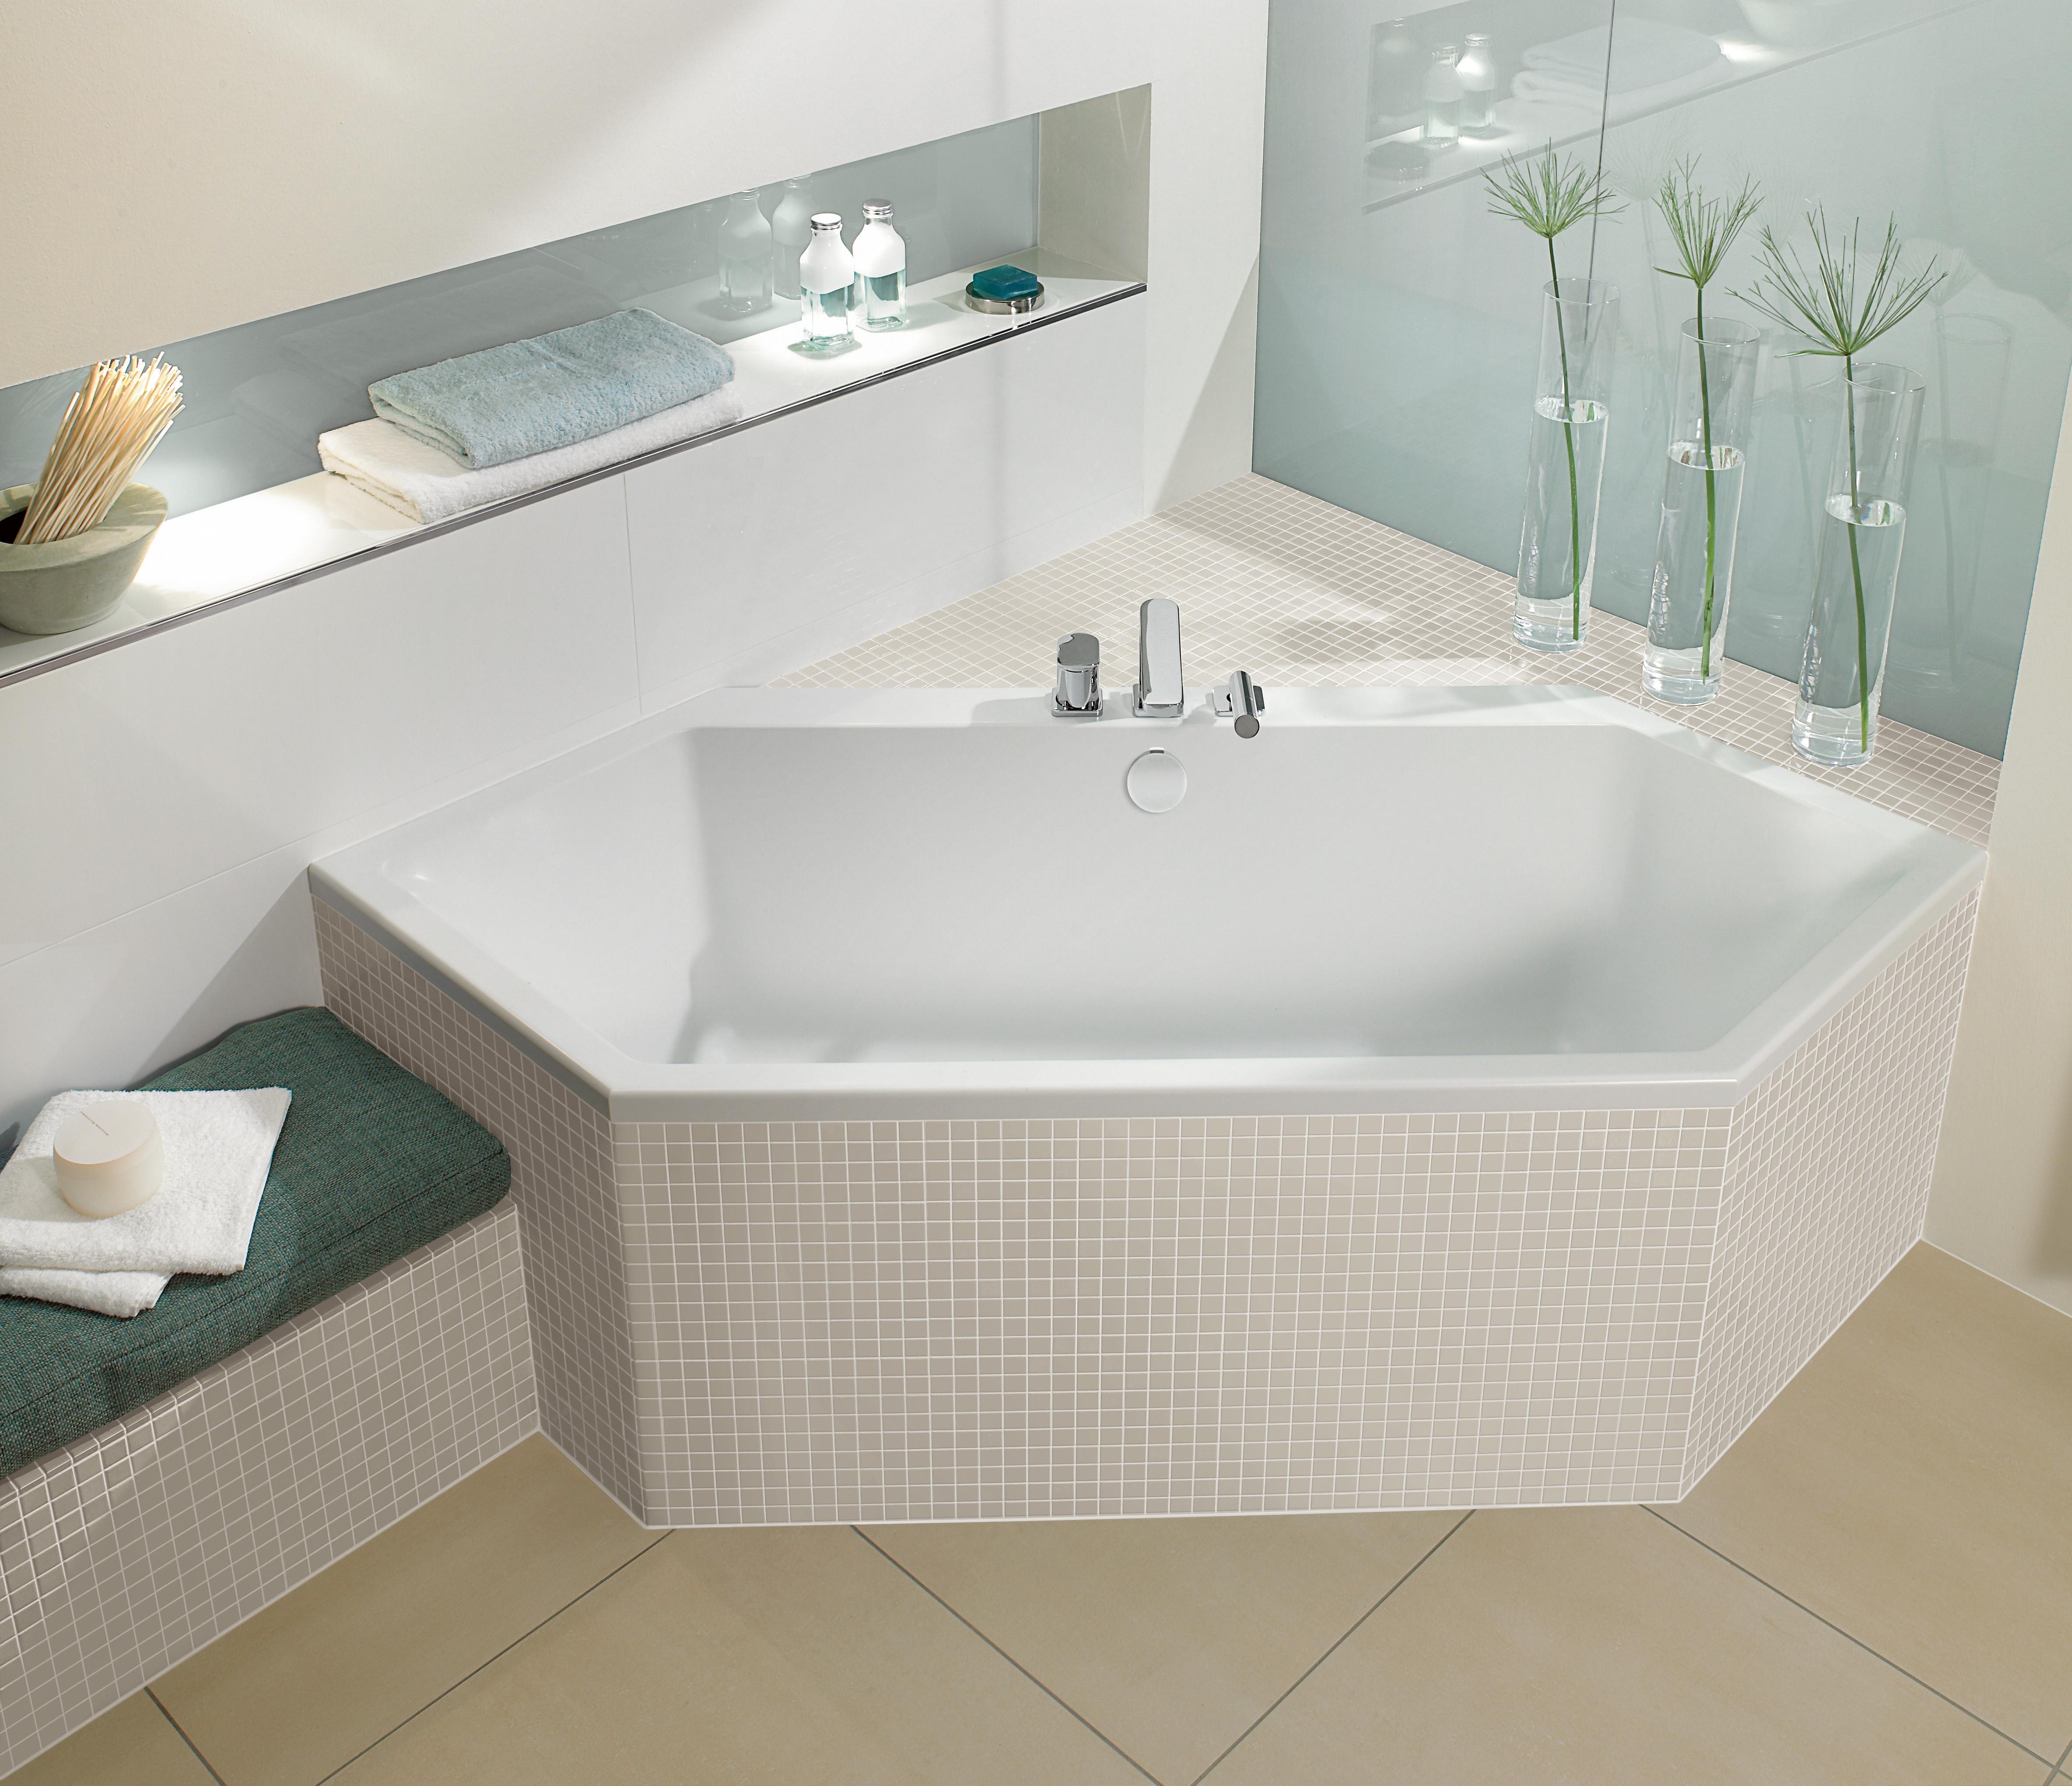 Subway Bath, Baths, Hexagonal baths